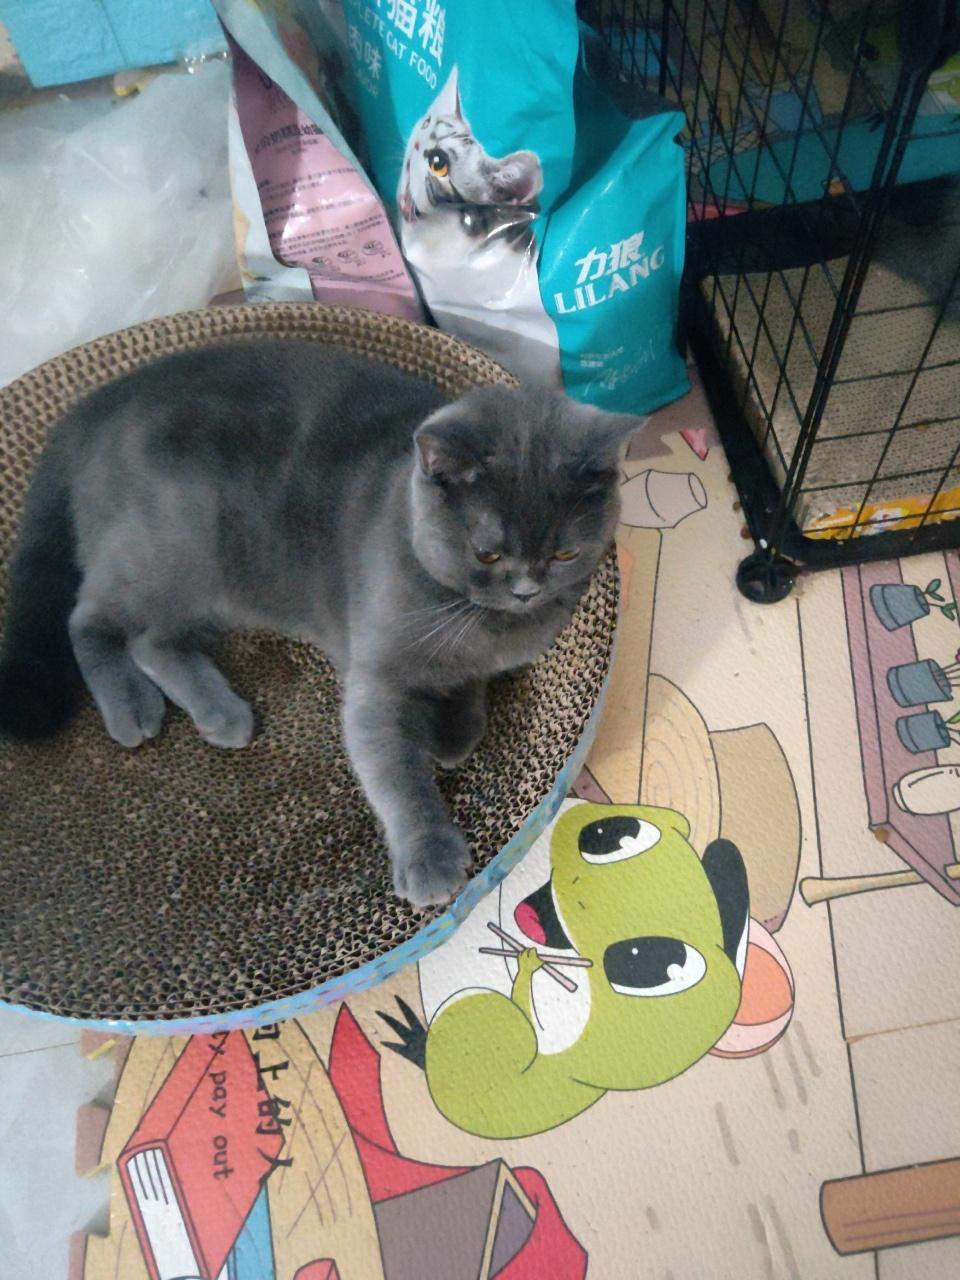 蓝猫,家里新来两条狗,养不了